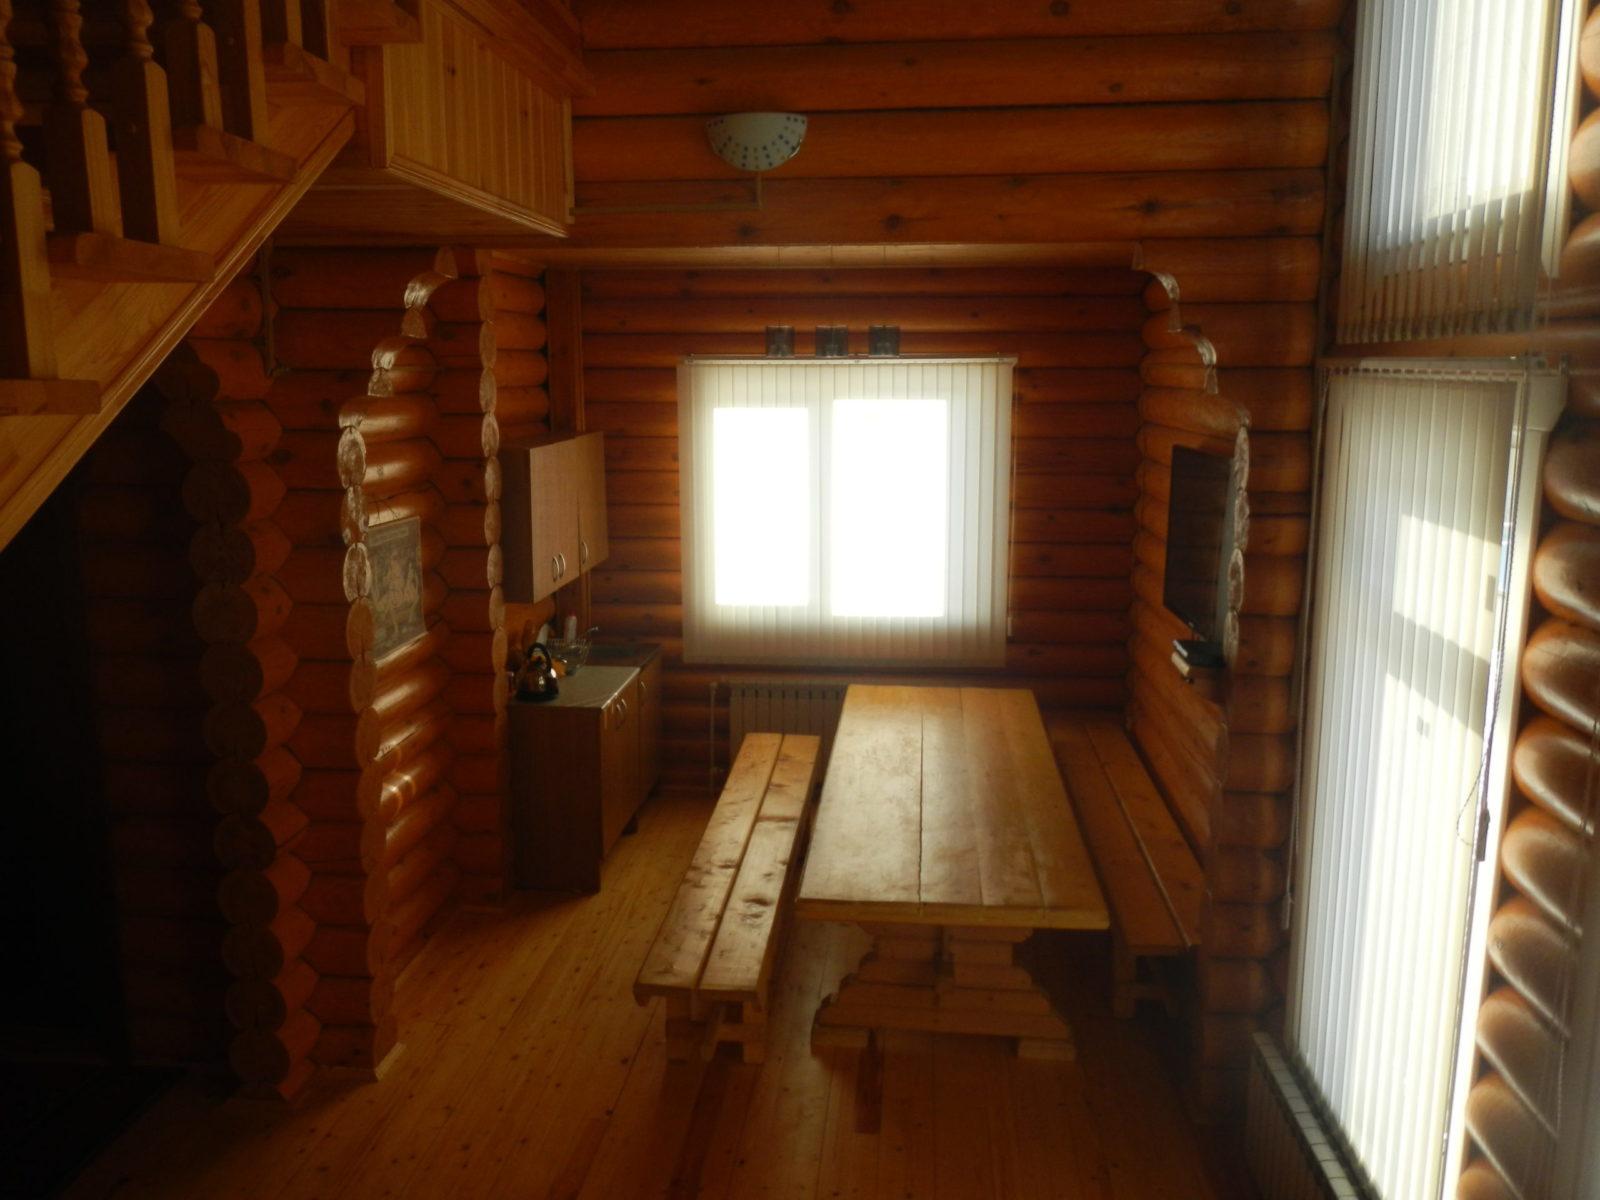 stol v bane rybolovnaja baza cherkasovo rybinskoe vodohranilishhe scaled - Стол в бане